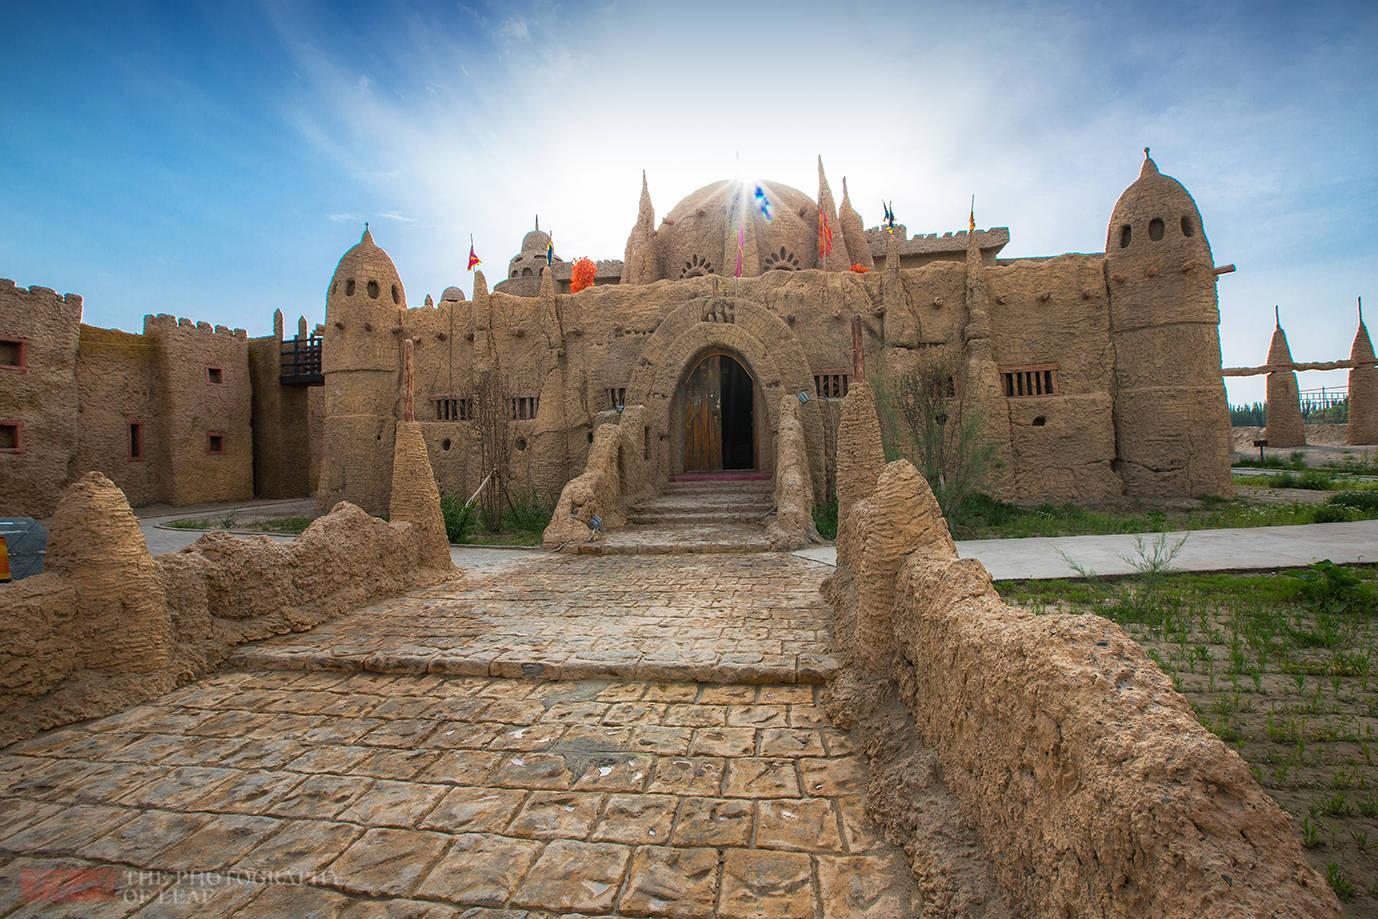 """新疆荒漠中的土城堡,史料中没有任何记载,专家称其为""""谜城"""""""